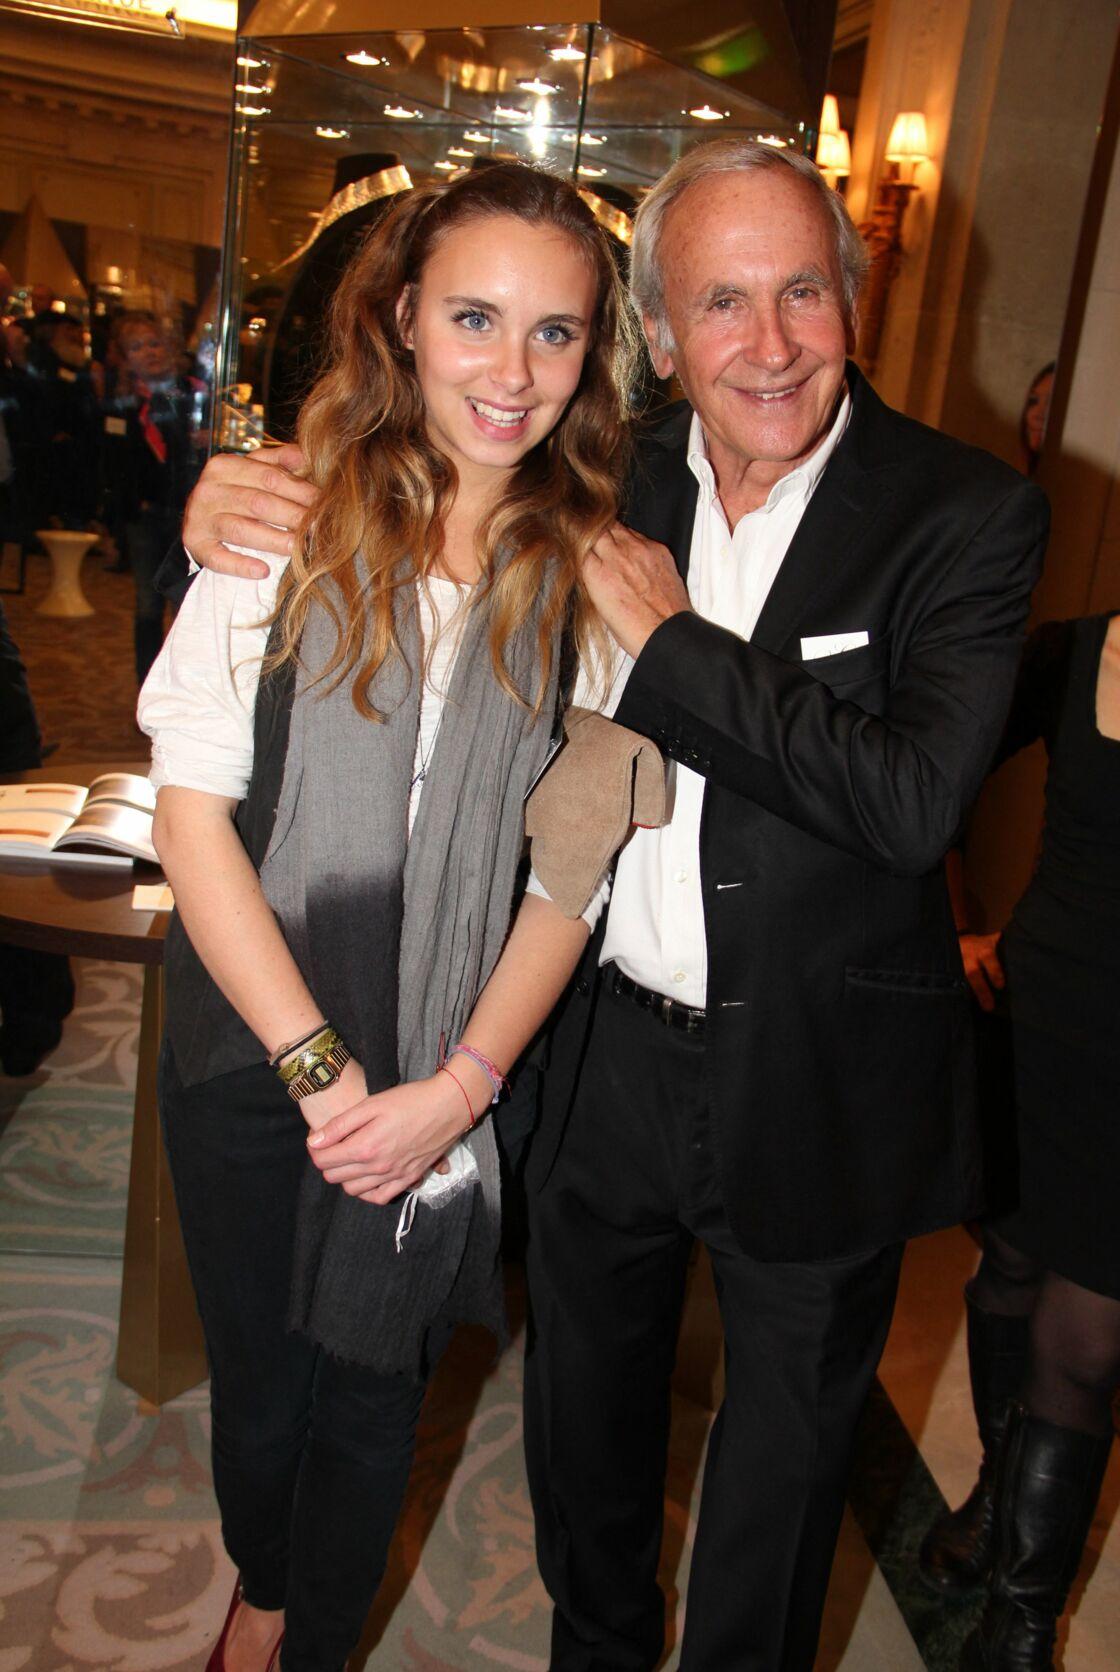 Patrice Laffont et sa fille Mathilde, réunis lors d'un événement parisien, en 2012.